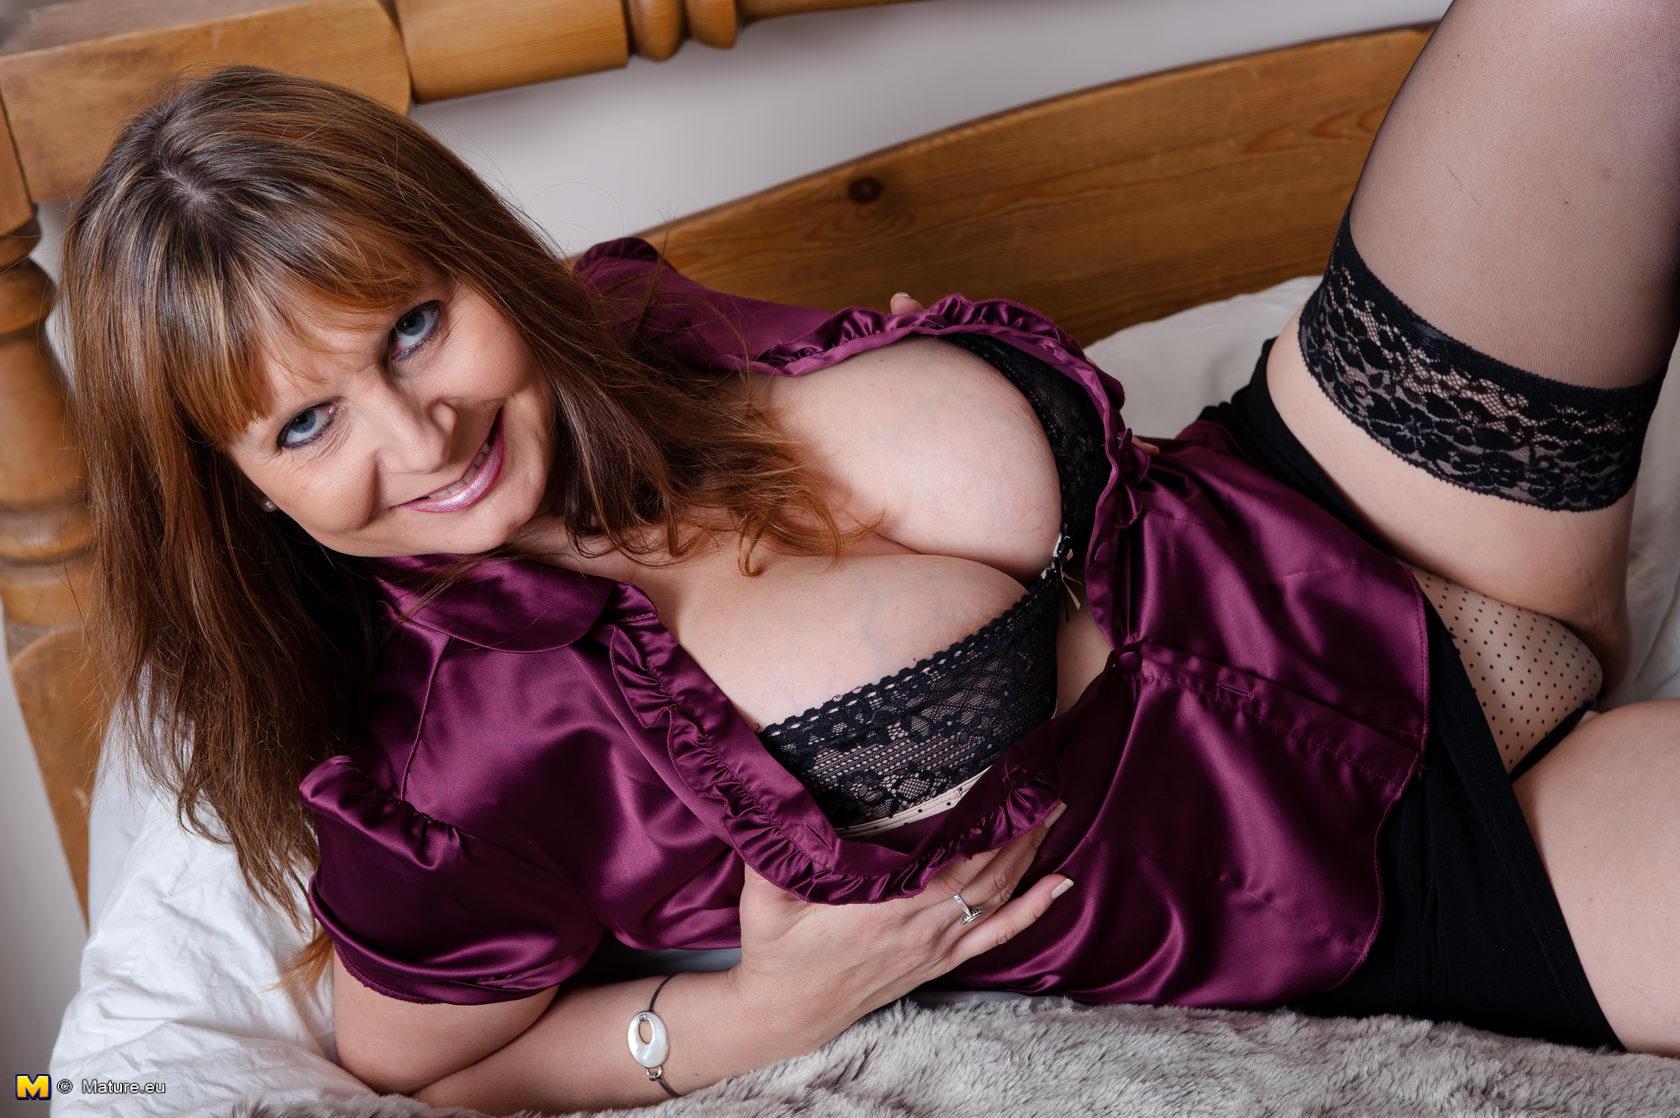 big tit mature xxx - Mature lady with big boobs